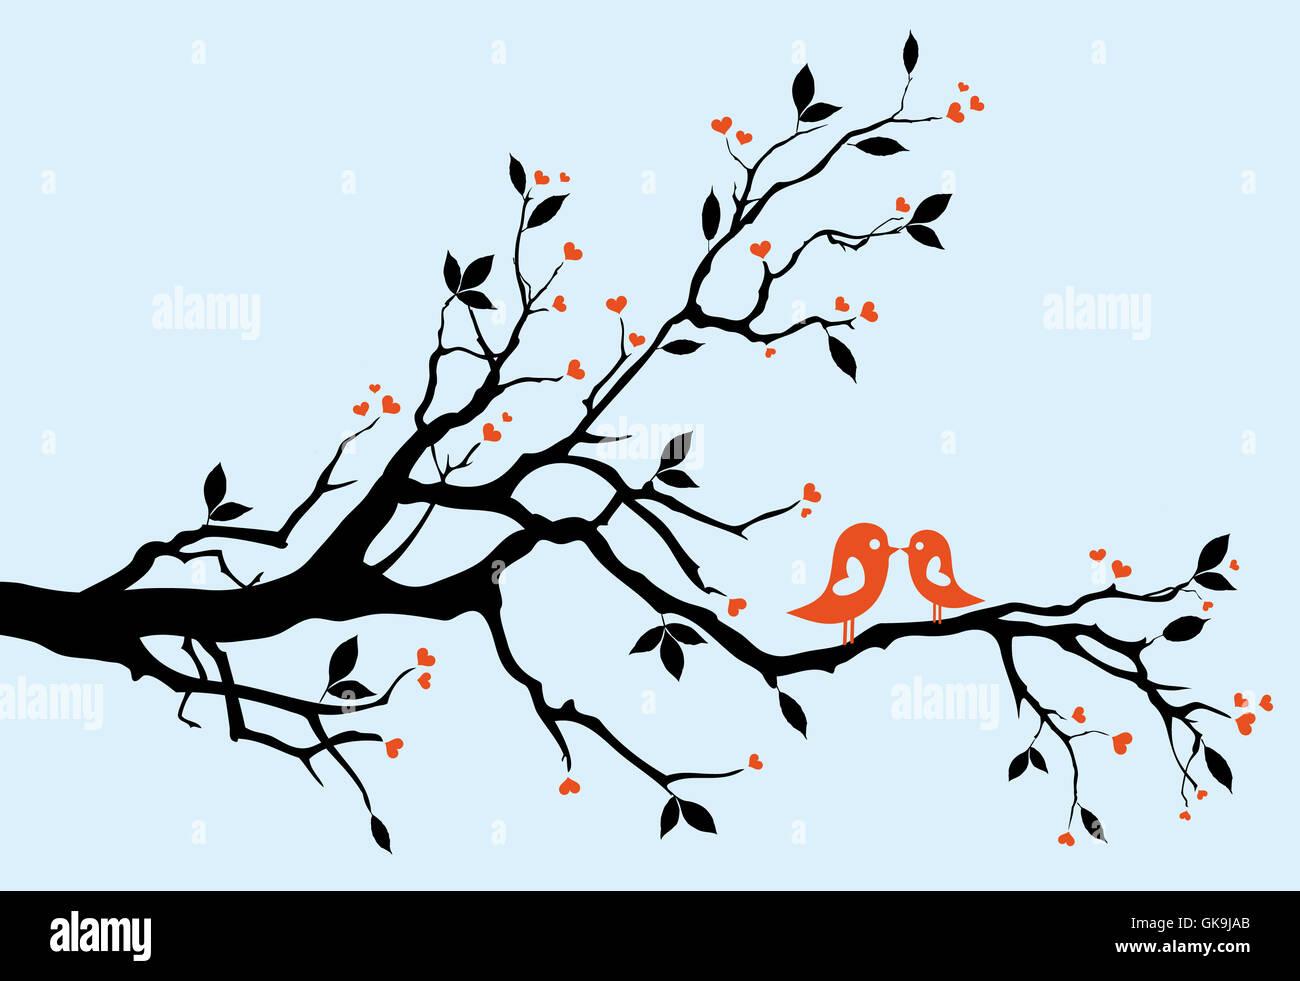 Direction générale de l'oiseau de l'arbre Photo Stock